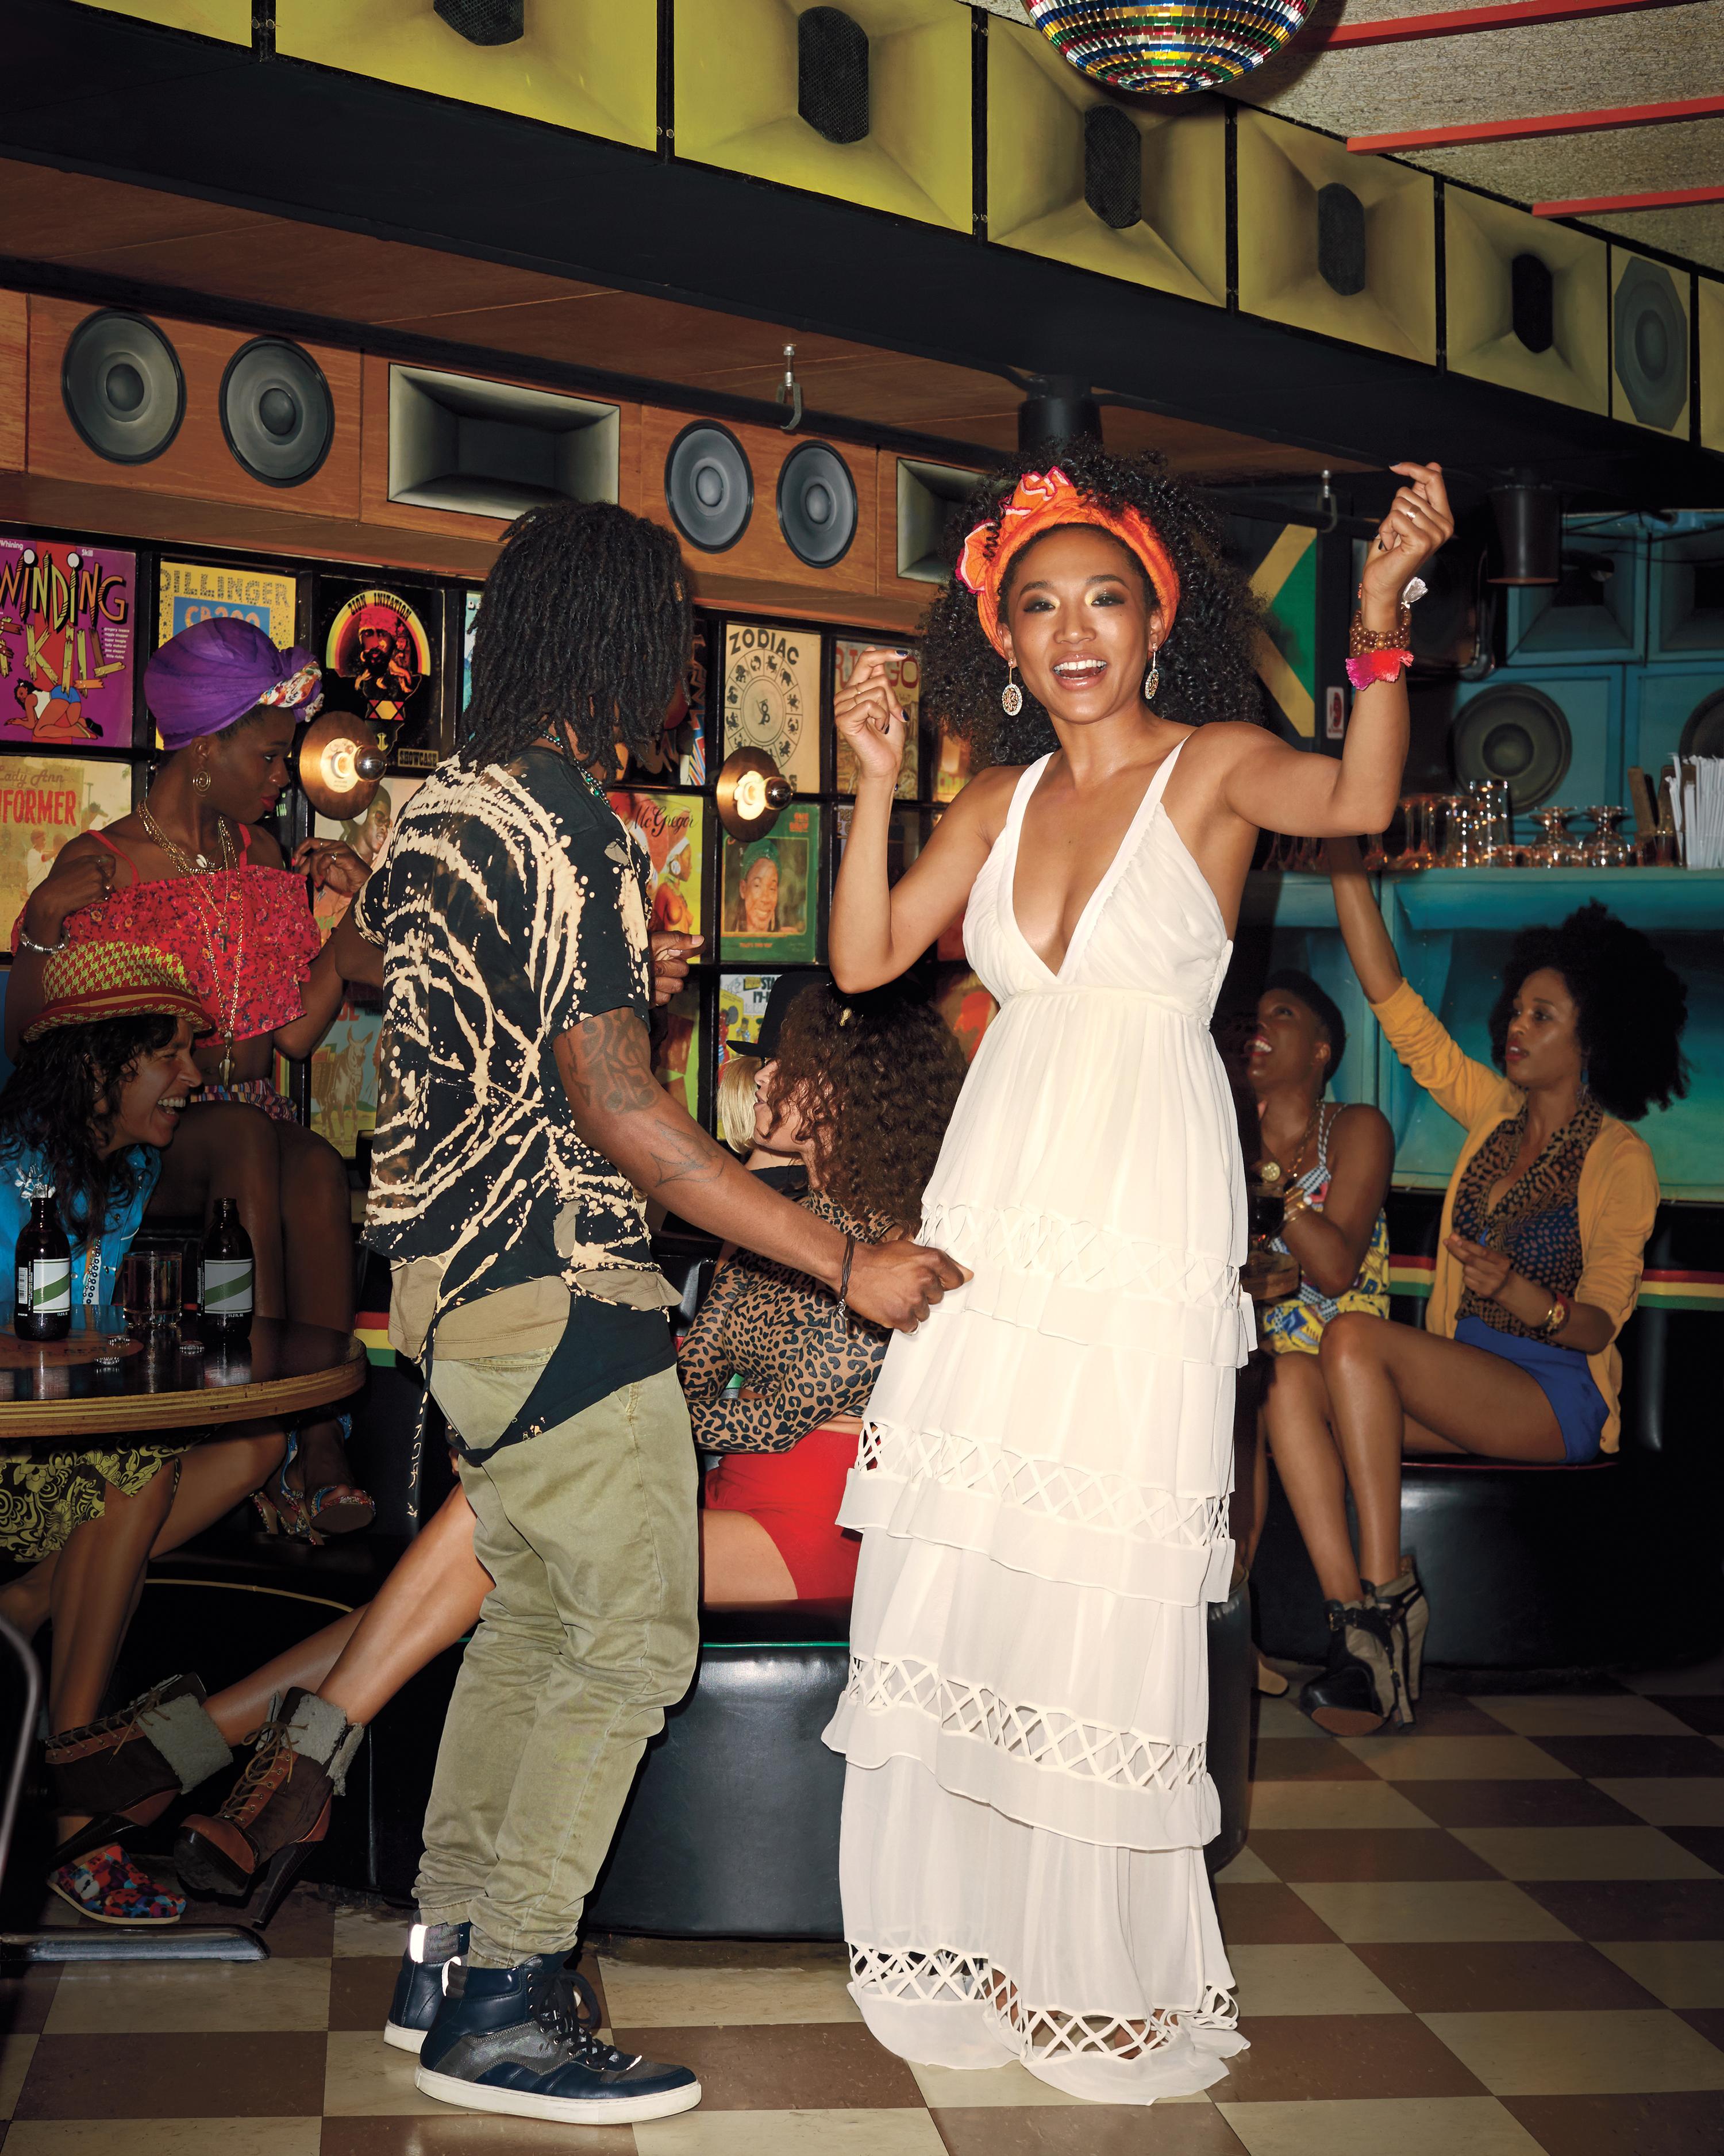 wedding-fashion-reggae-941-940-final-d111290.jpg